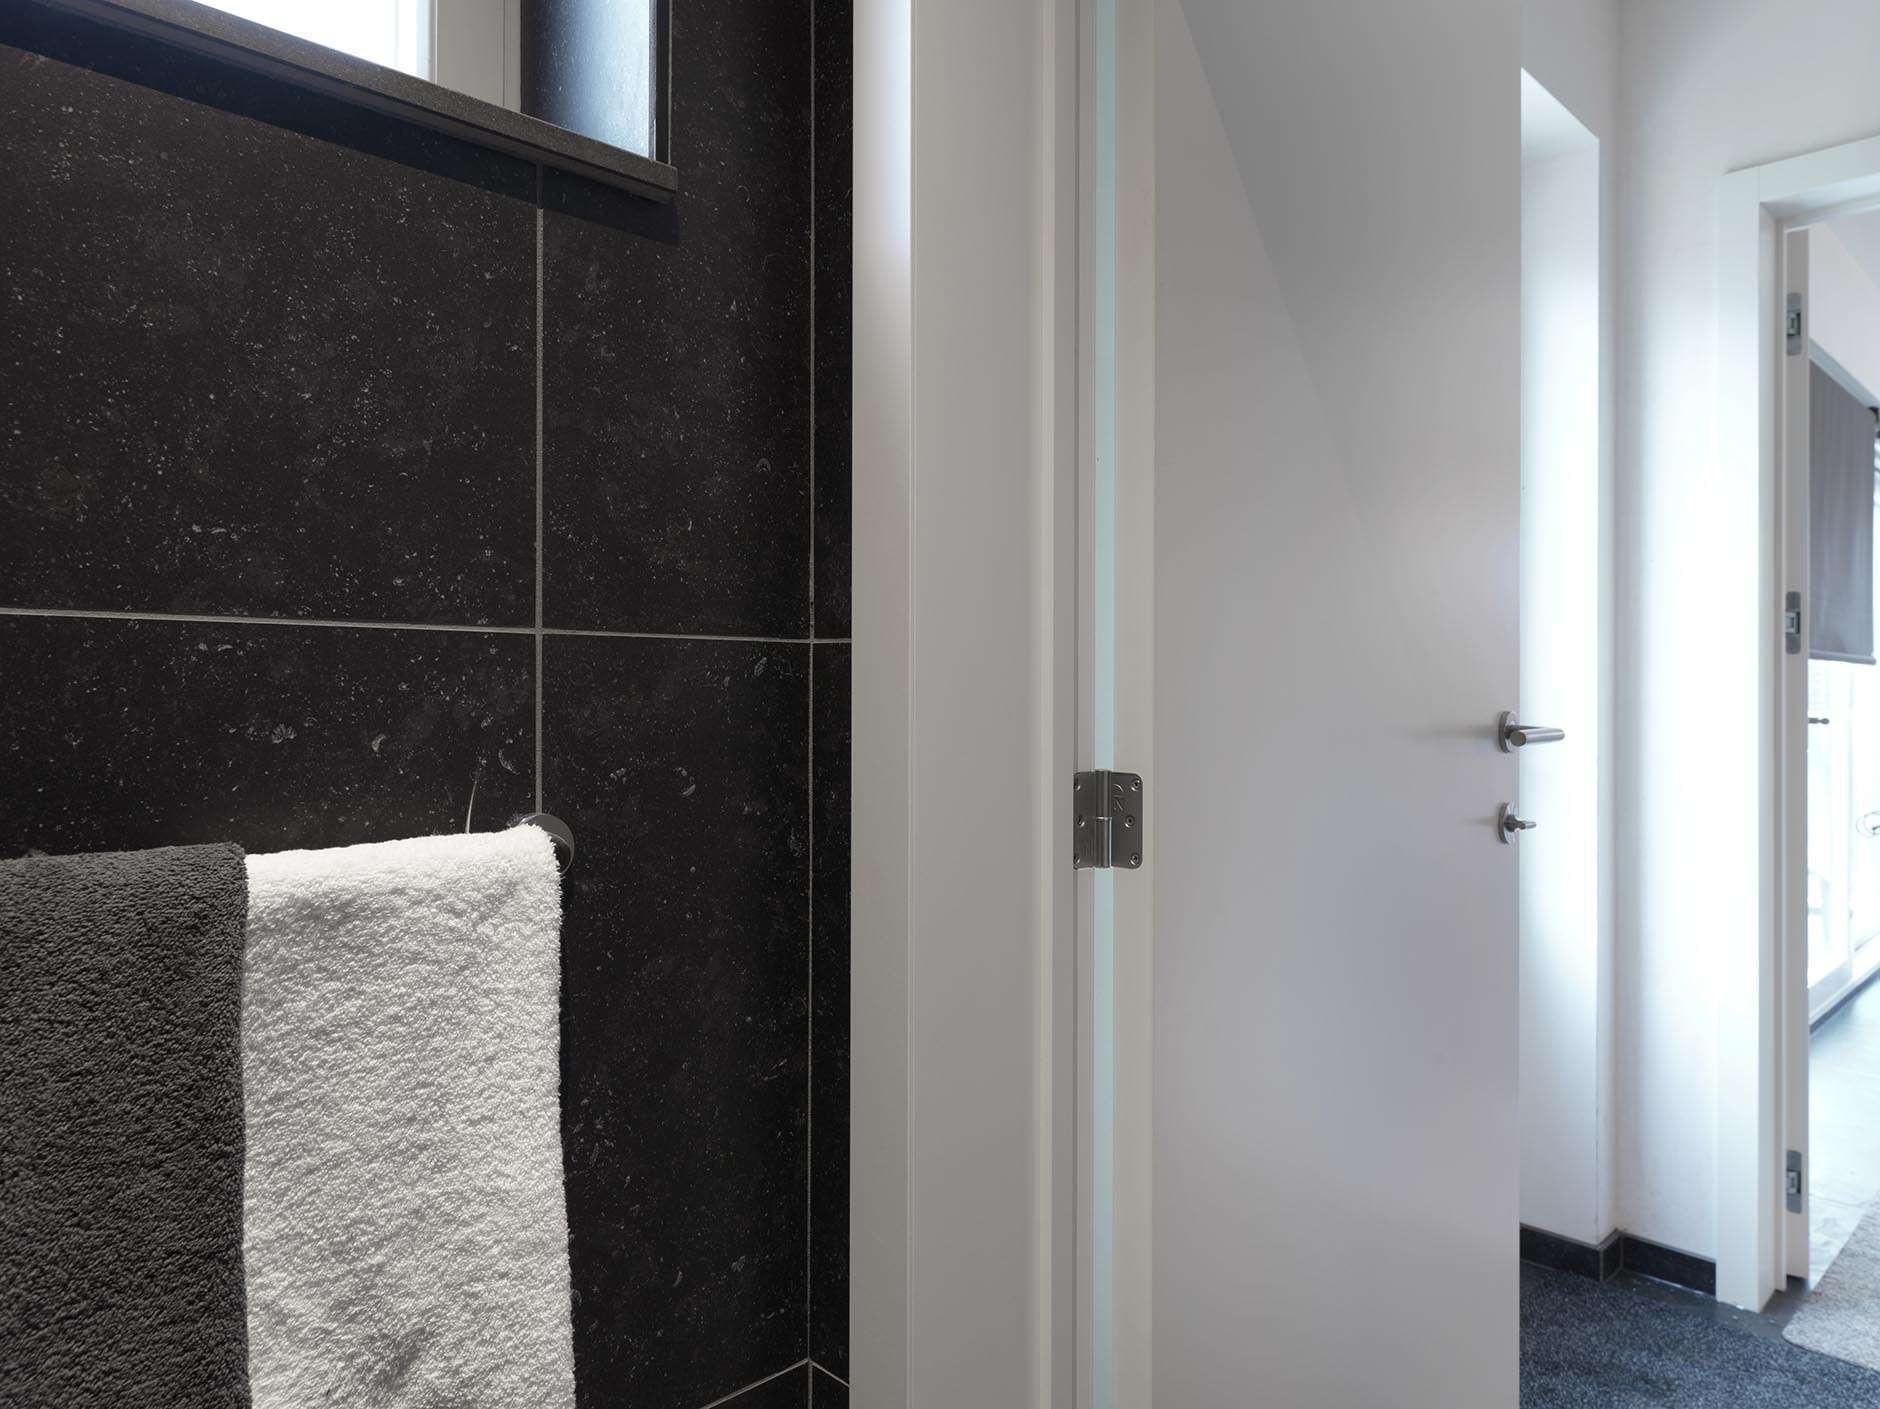 badkamerdeur-modern